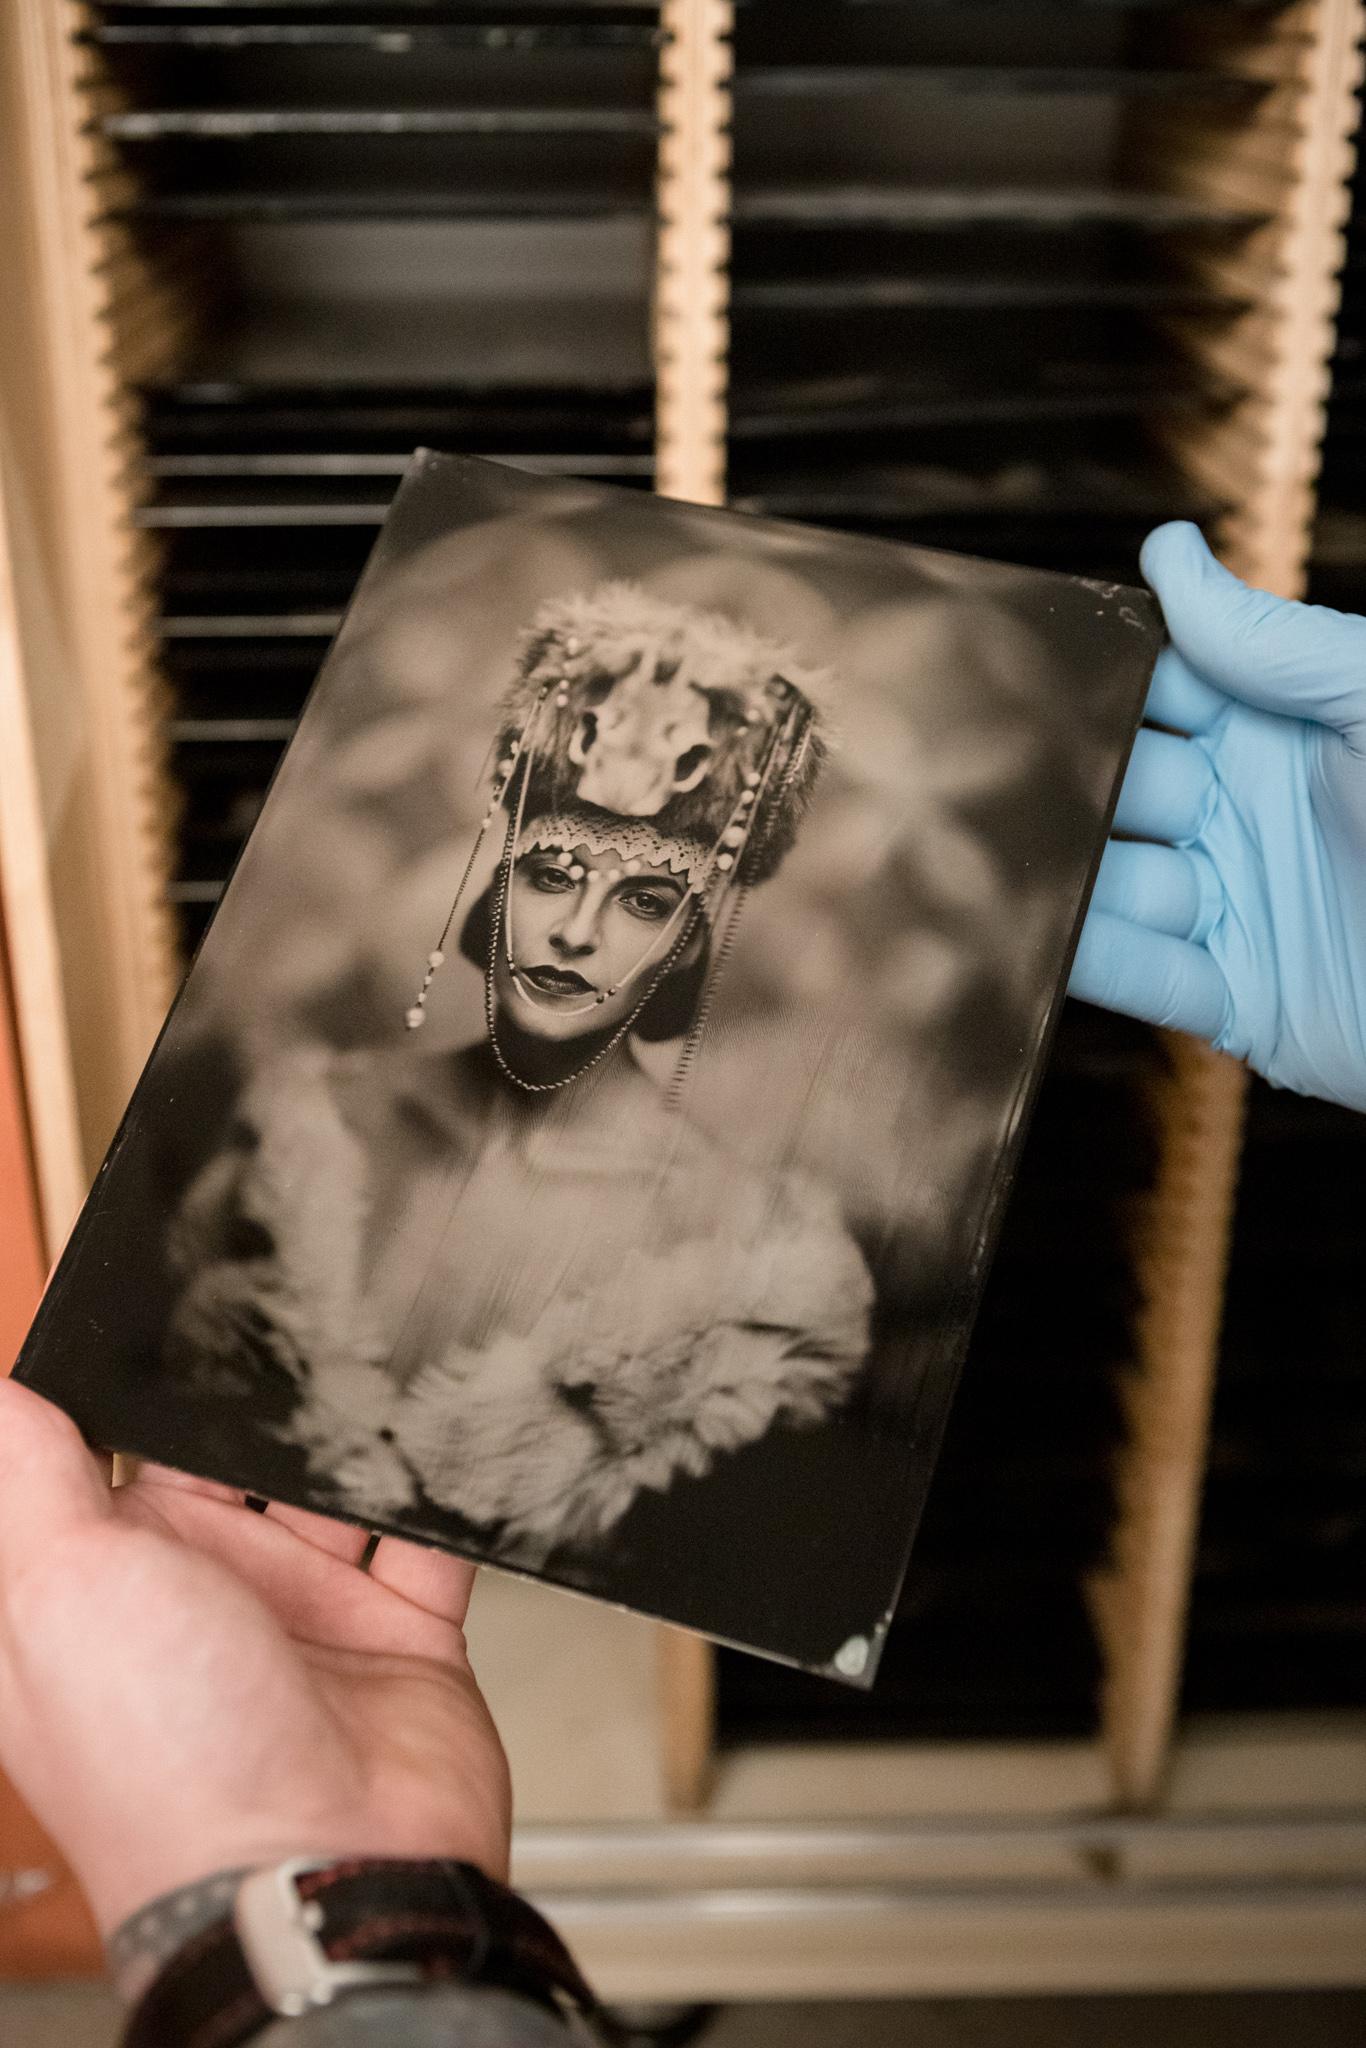 Stara fotografia w formie płyty kolodionowej , na niej piękna kobieta.